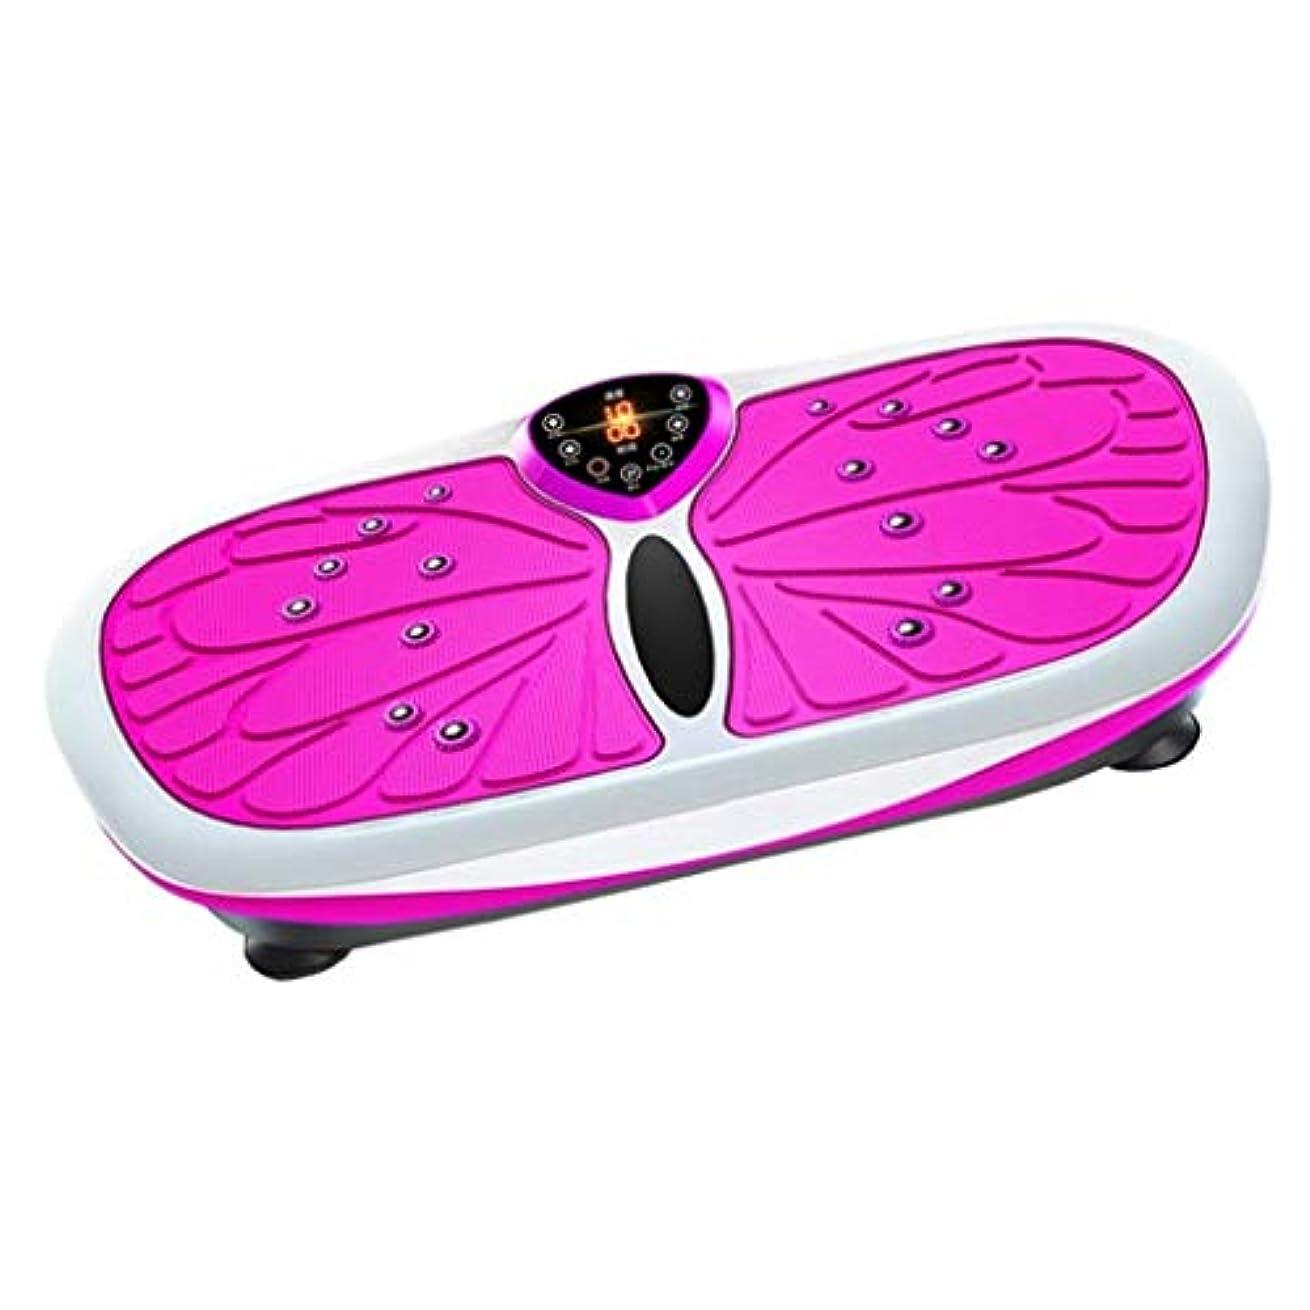 スペードスクレーパービール減量装置、サイレントモーター振動プレート-ジム自宅での体重減少のための99レベルの3D振動トレーナー磁気療法マッサージ (Color : ピンク)